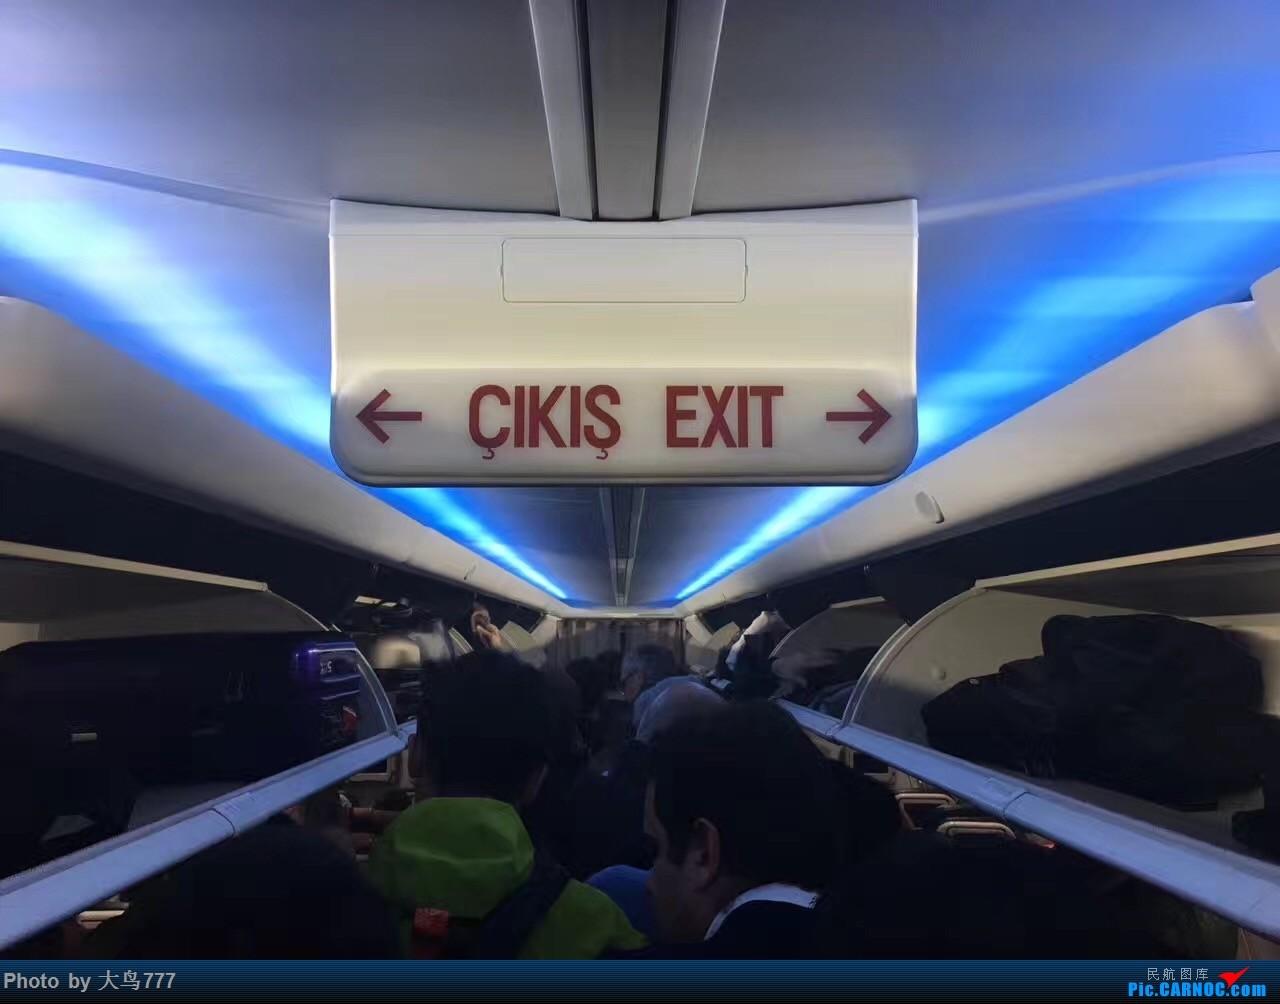 Re:[原创]再次感受欧洲最佳——土耳其航空(回程被坑晚点4个多小时) BOEING 737-800